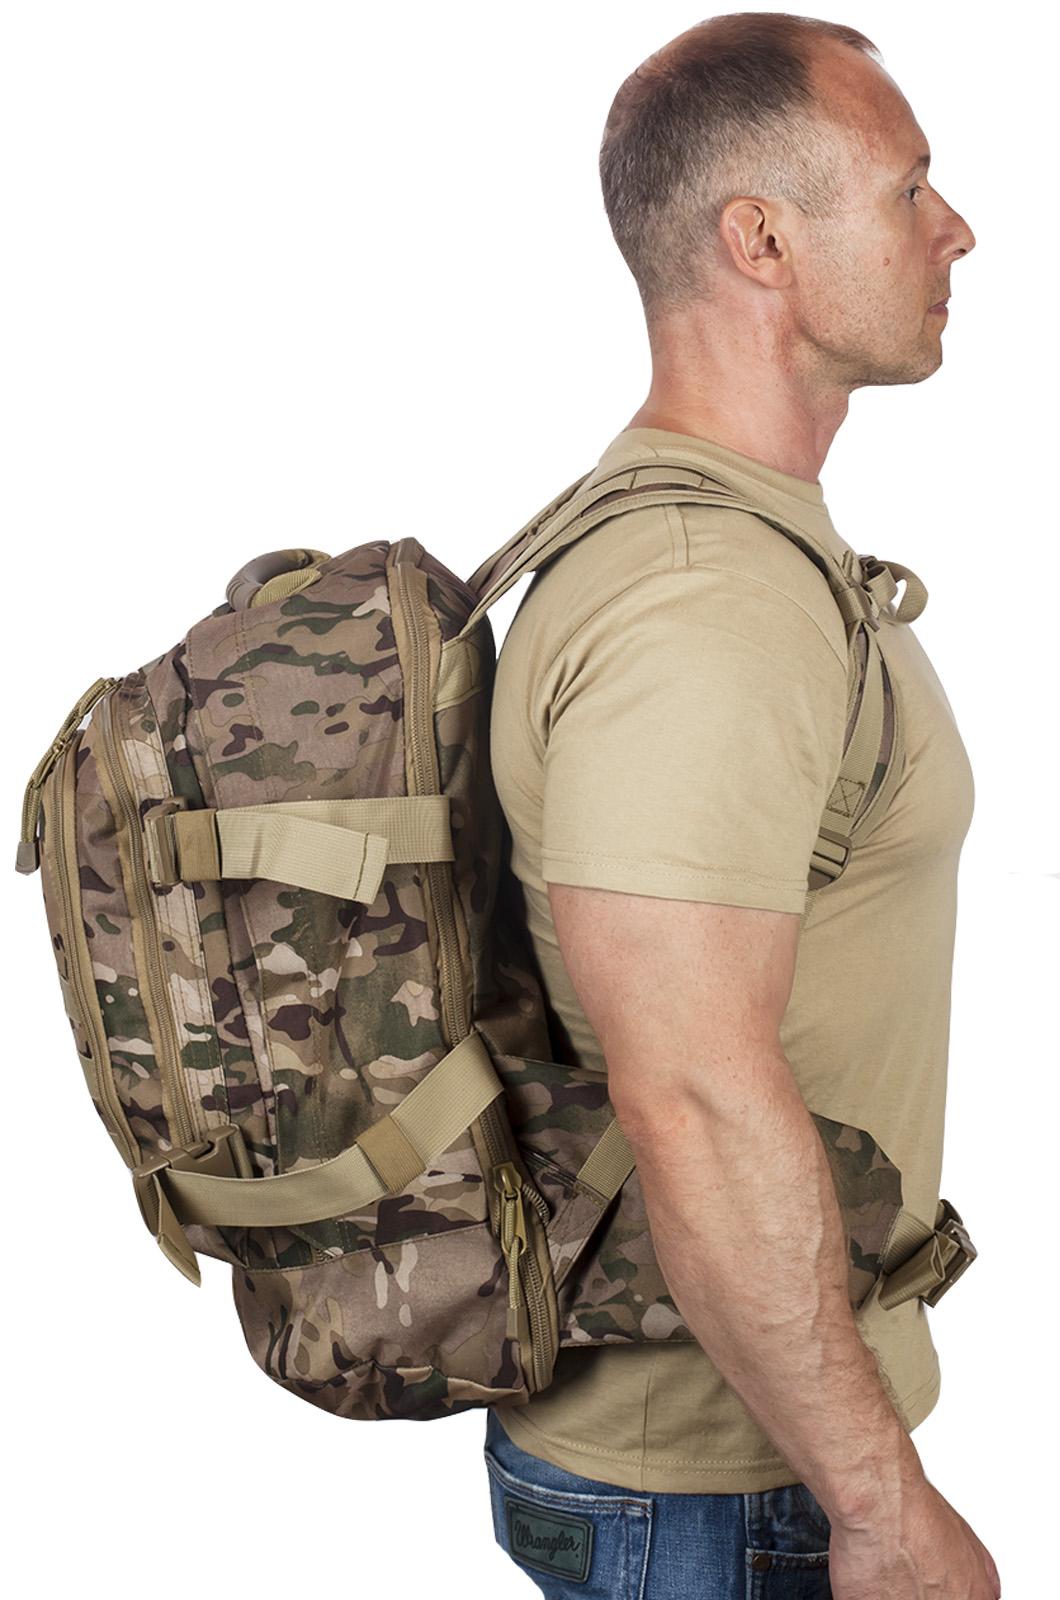 Камуфляжный тактический рюкзак с шевроном Охотничьего спецназа купить онлайн